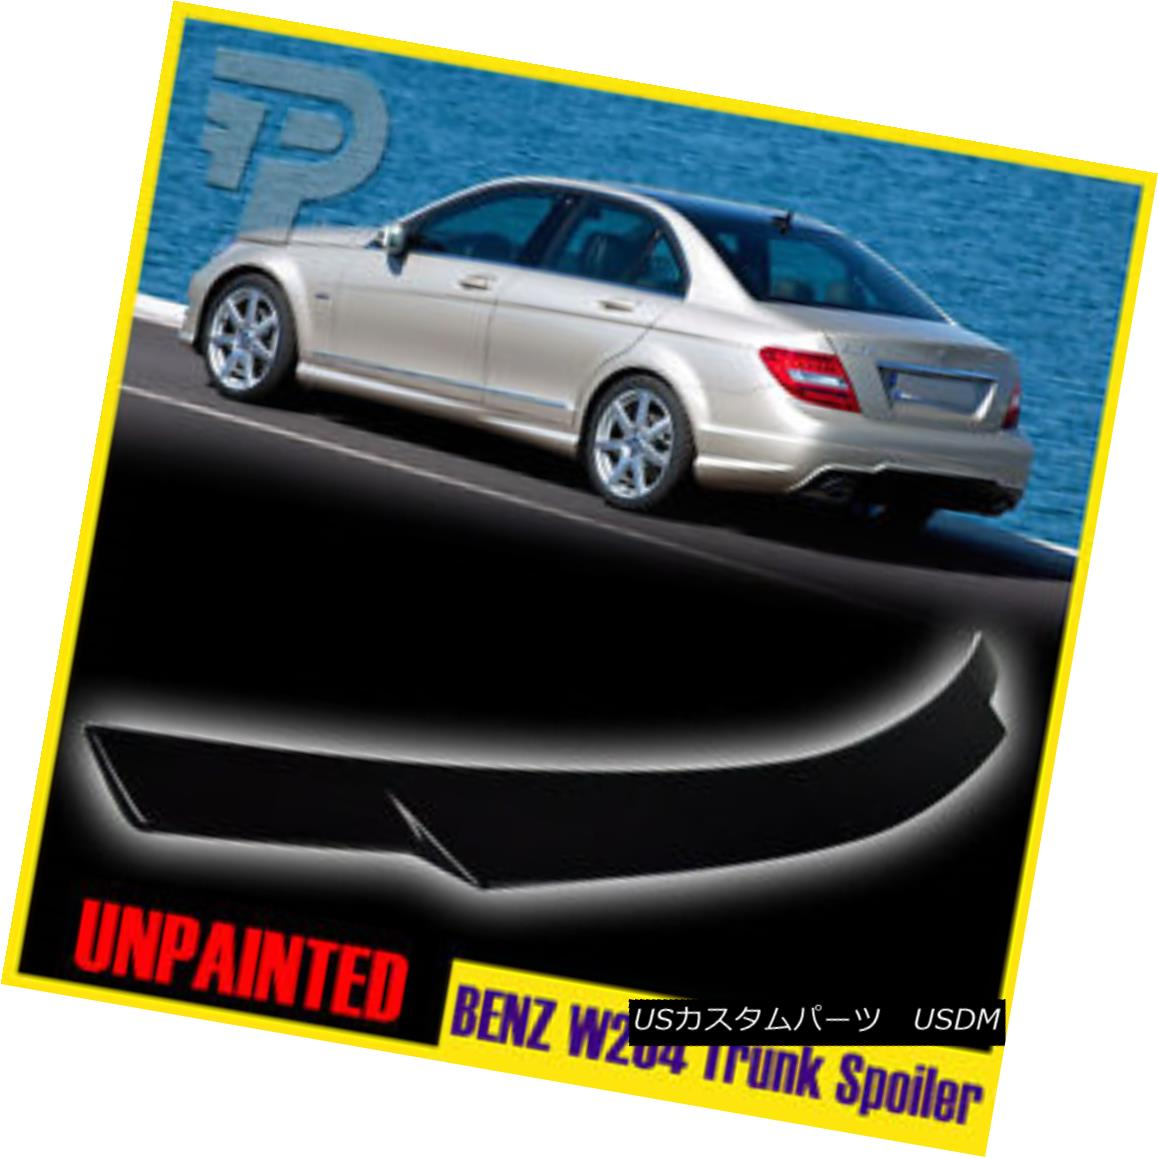 エアロパーツ Unpainted Mercedes BENZ C-Class W204 Saloon V-Look Rear boot Trunk Spoiler 13 未塗装メルセデスベンツCクラスW204サルーンVルックリアブーツトランク・スポイラー13